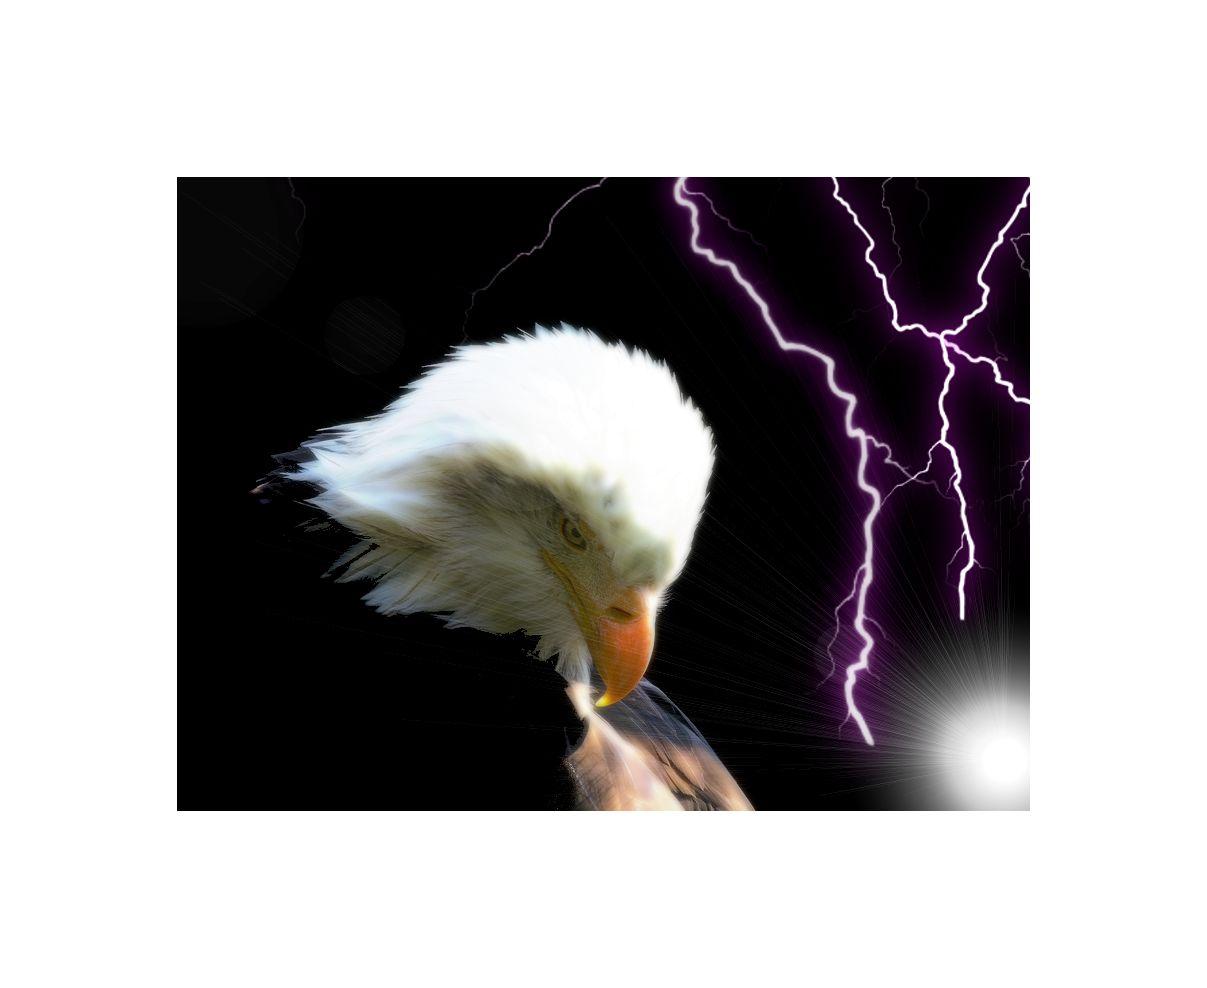 the eagle...